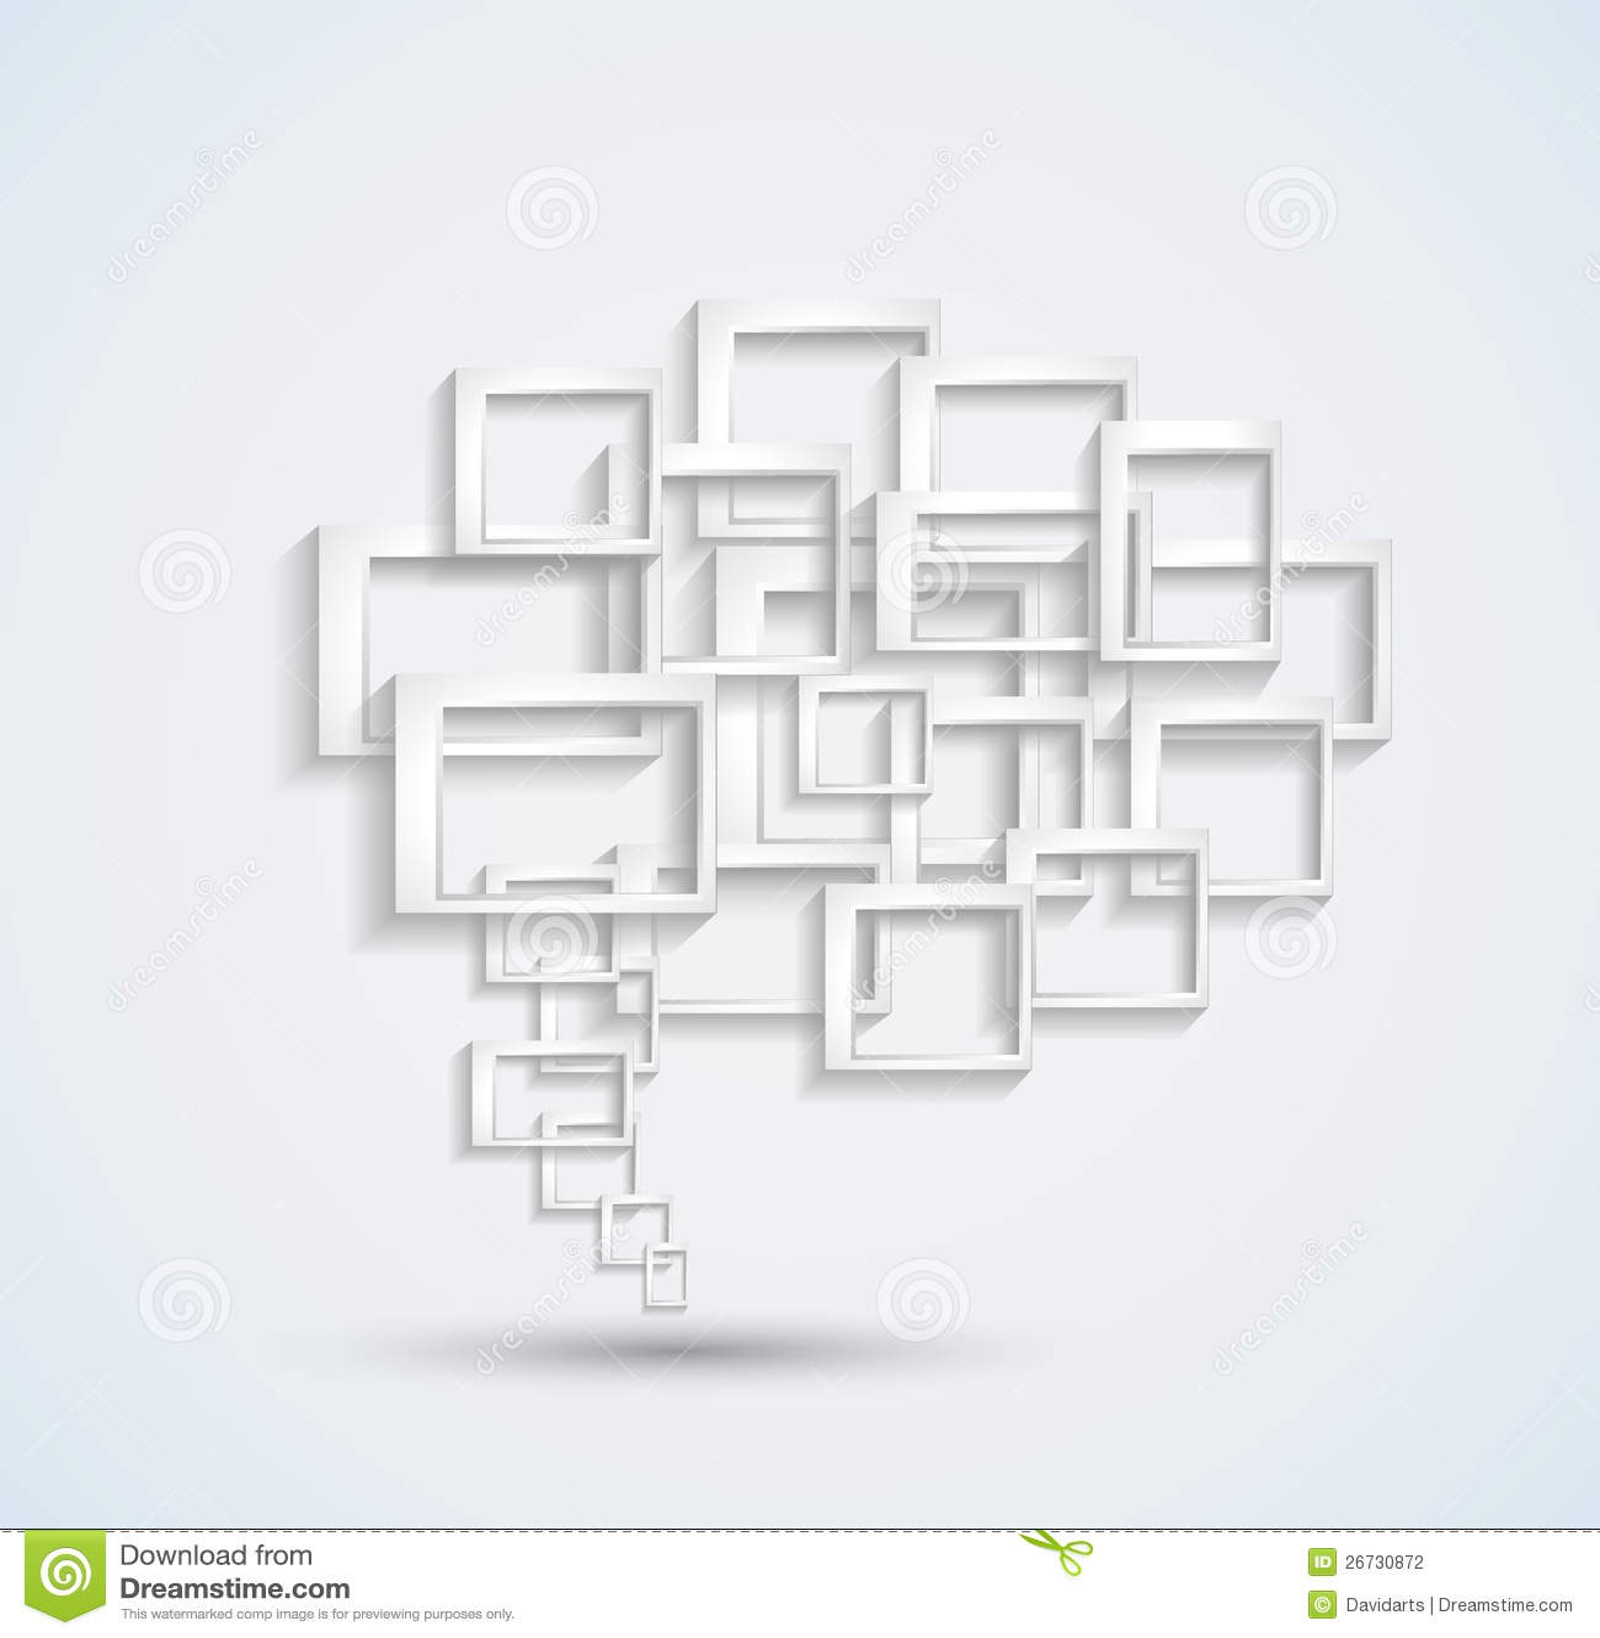 与概念性讲话泡影的抽象名片背景由与阴影的三维正方形做成.图片